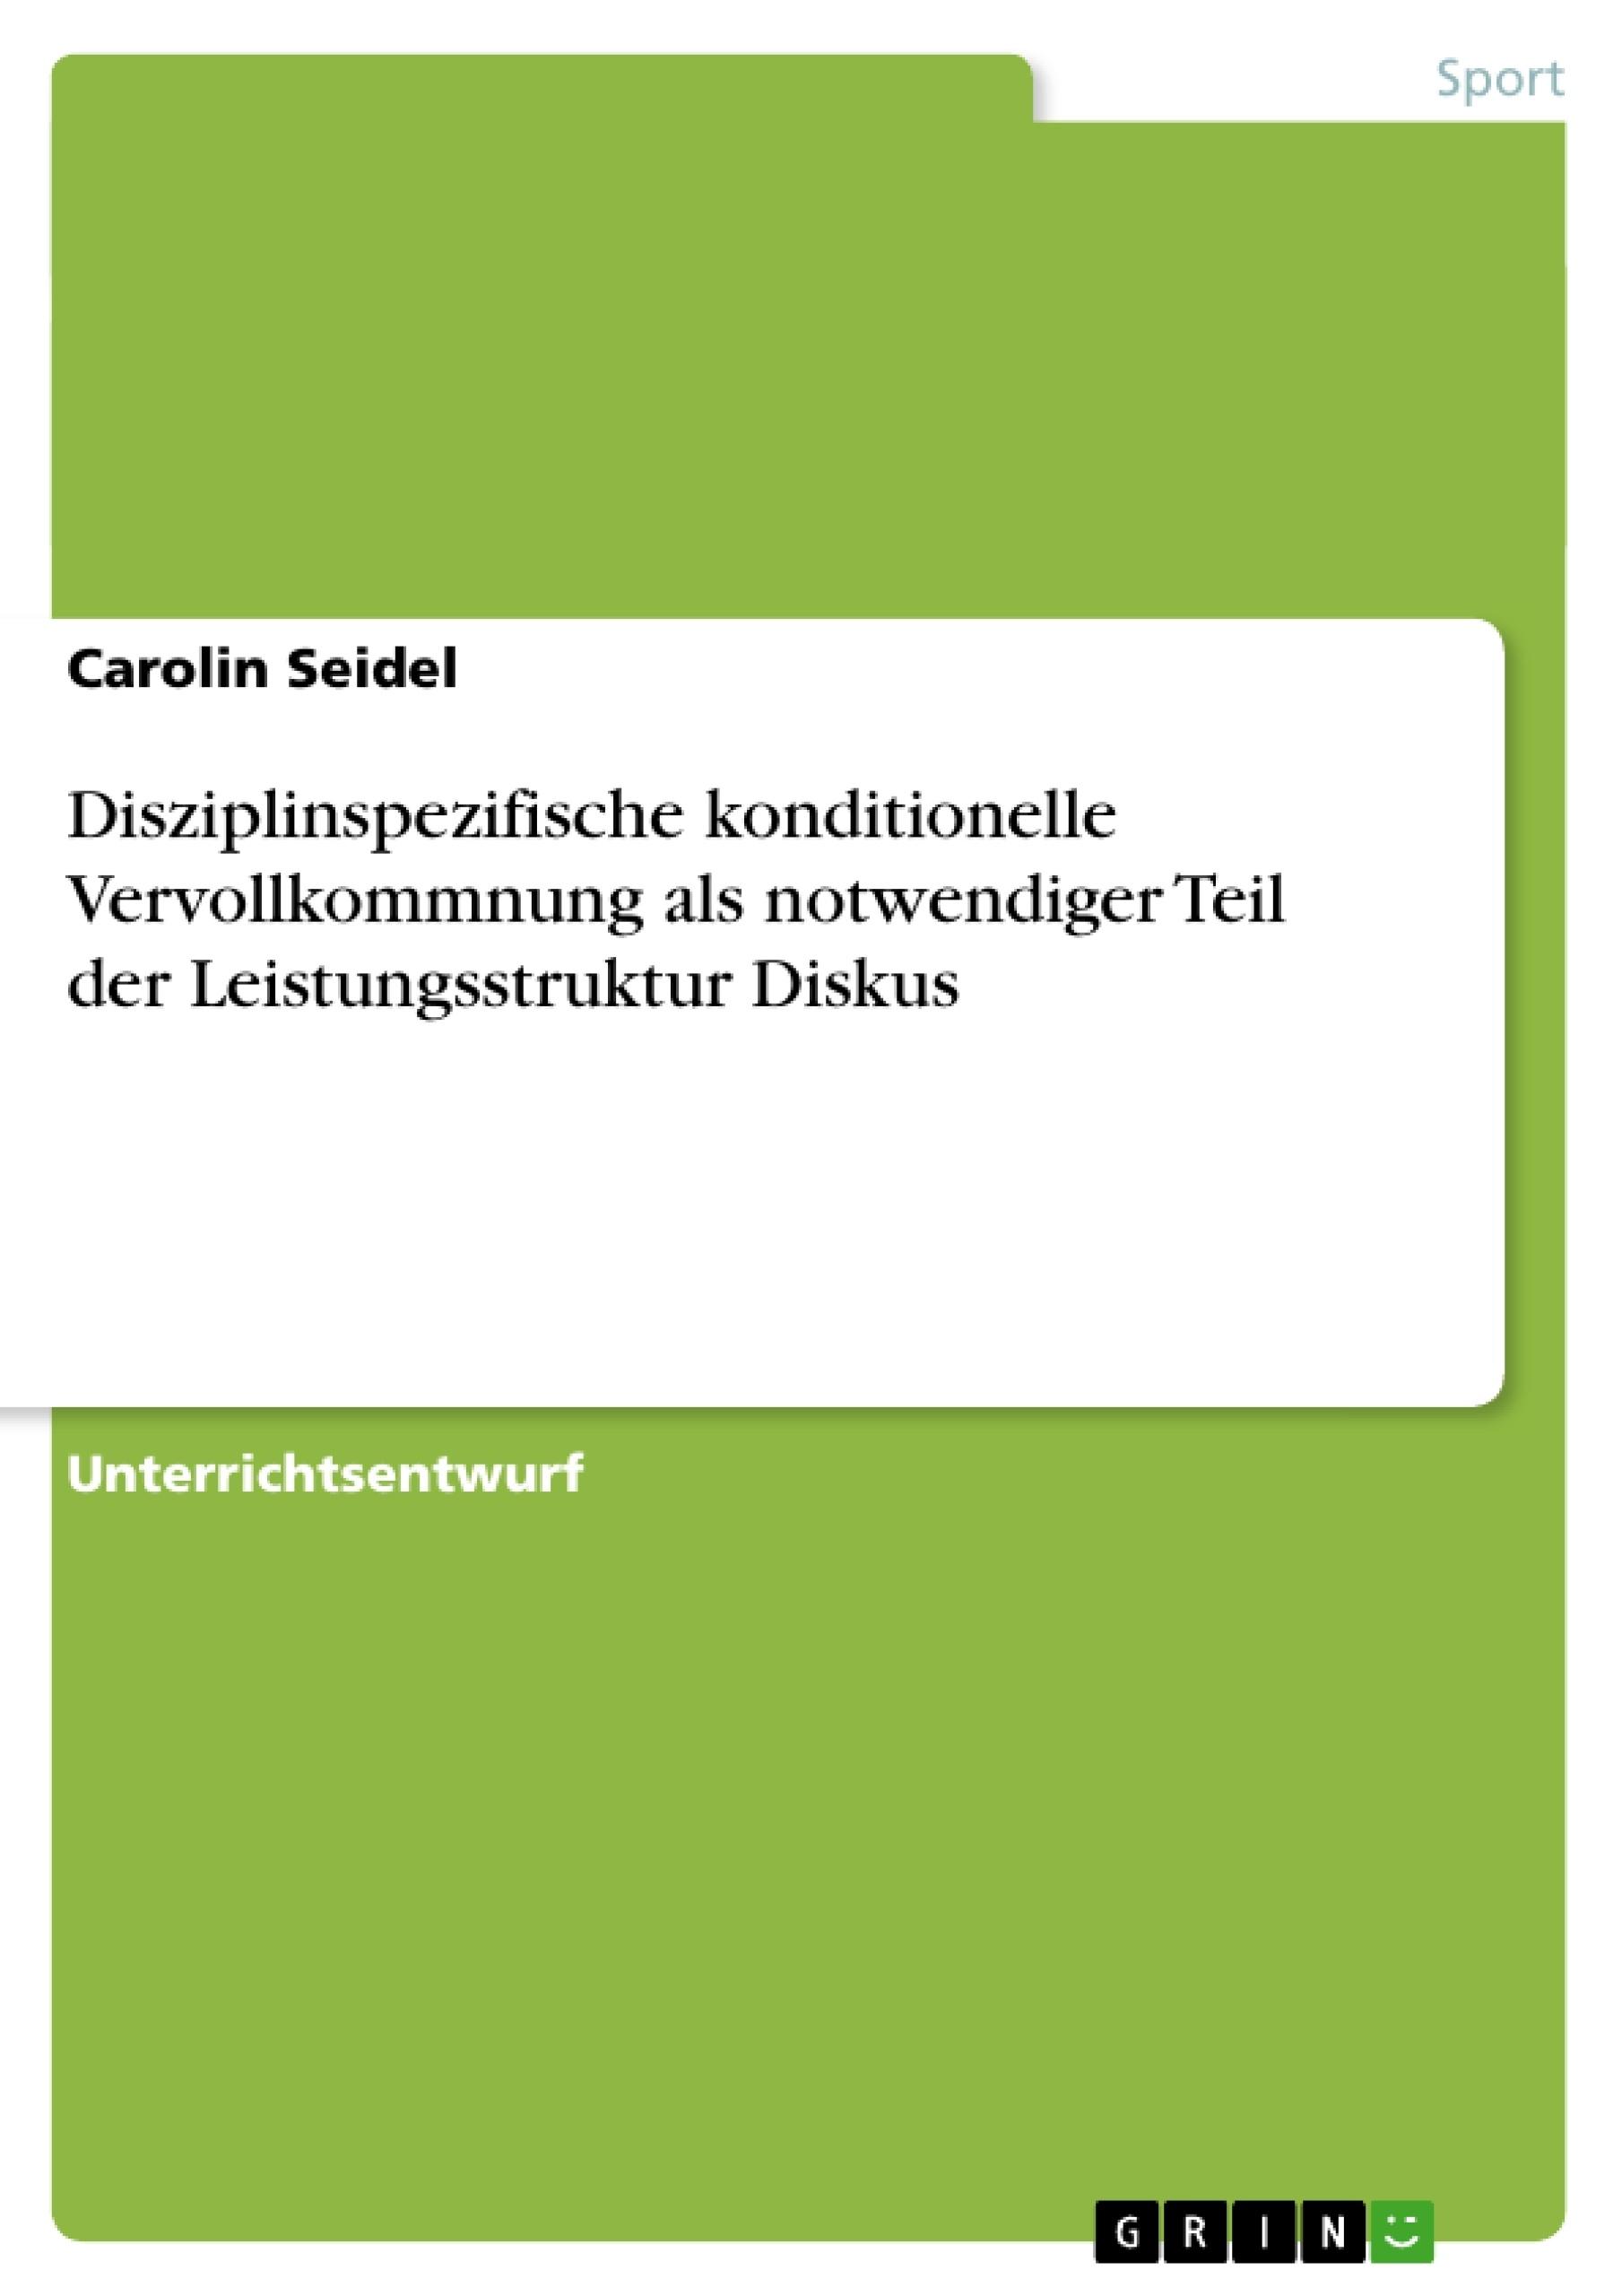 Titel: Disziplinspezifische konditionelle Vervollkommnung als notwendiger Teil der Leistungsstruktur Diskus